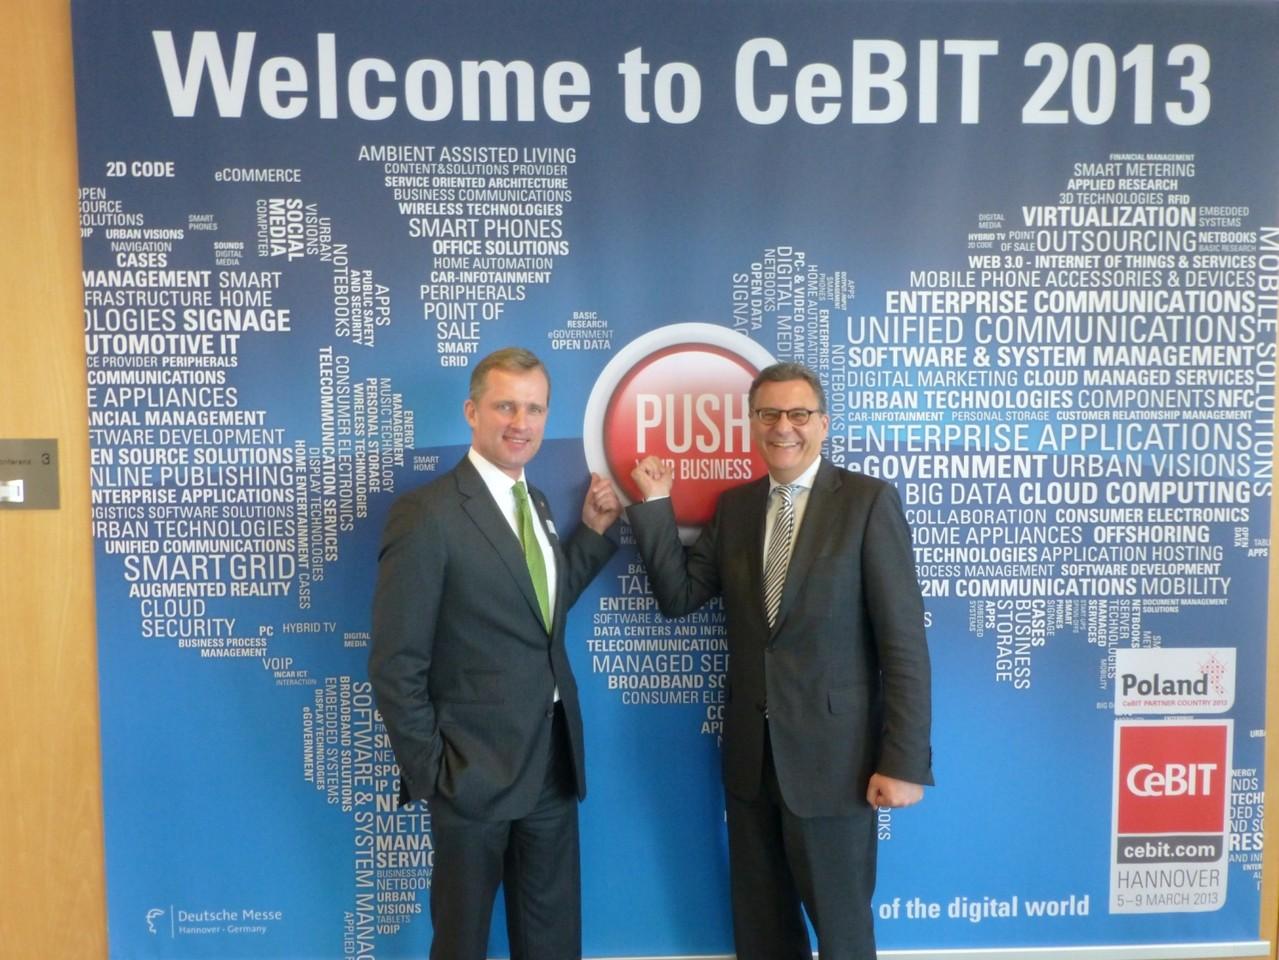 Welcome to CeBIT 2013: Treffen mit dem Vorstandsvorsitzenden der Deutsche Messe Hannover, Dr. Wolfram von Fritsch